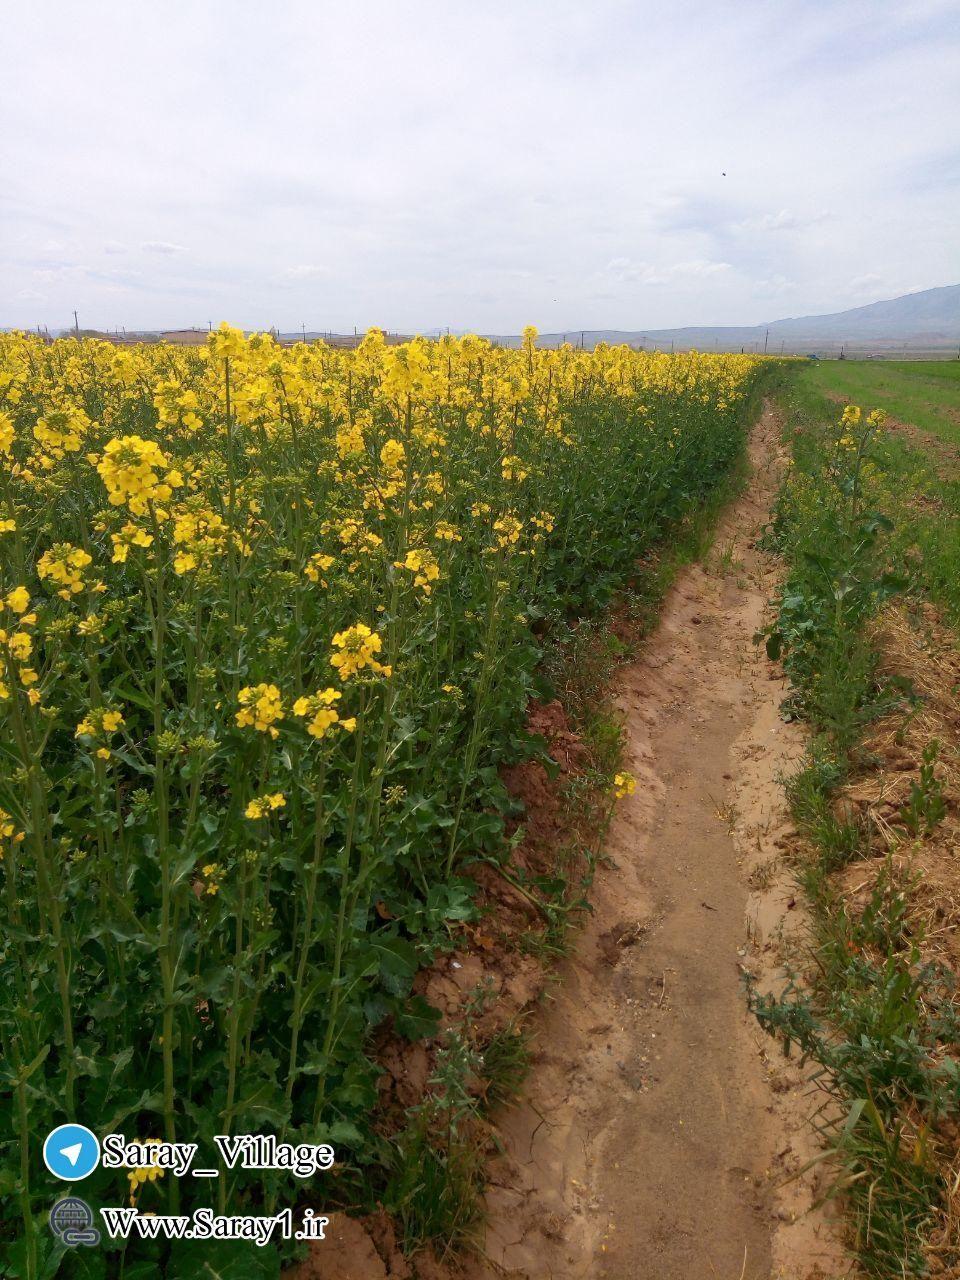 کاشت کلزا روستای سرای